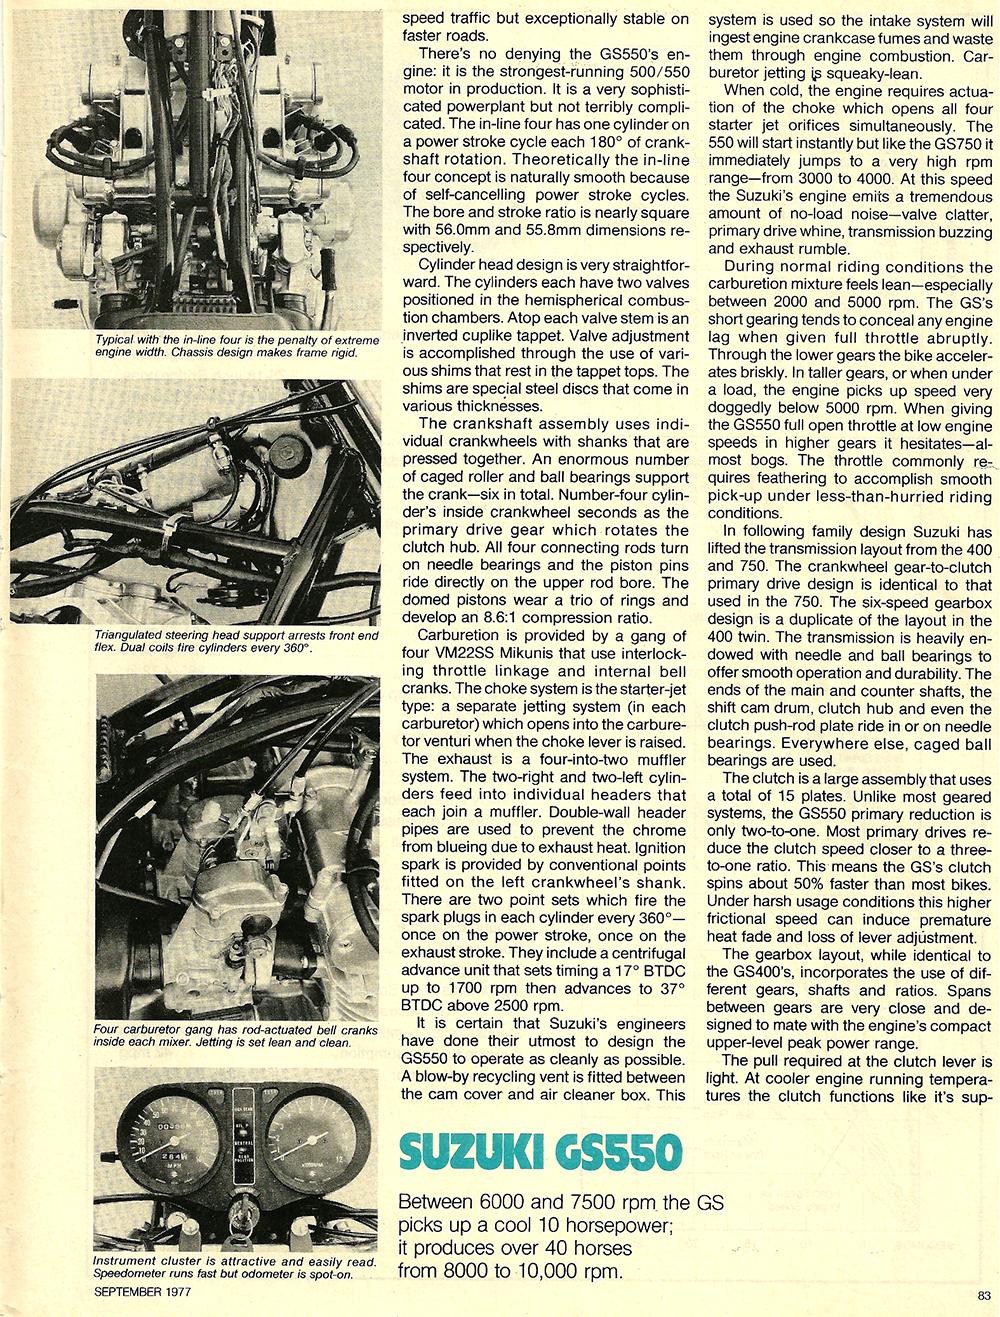 1977 Suzuki GS550 road test 04.jpg